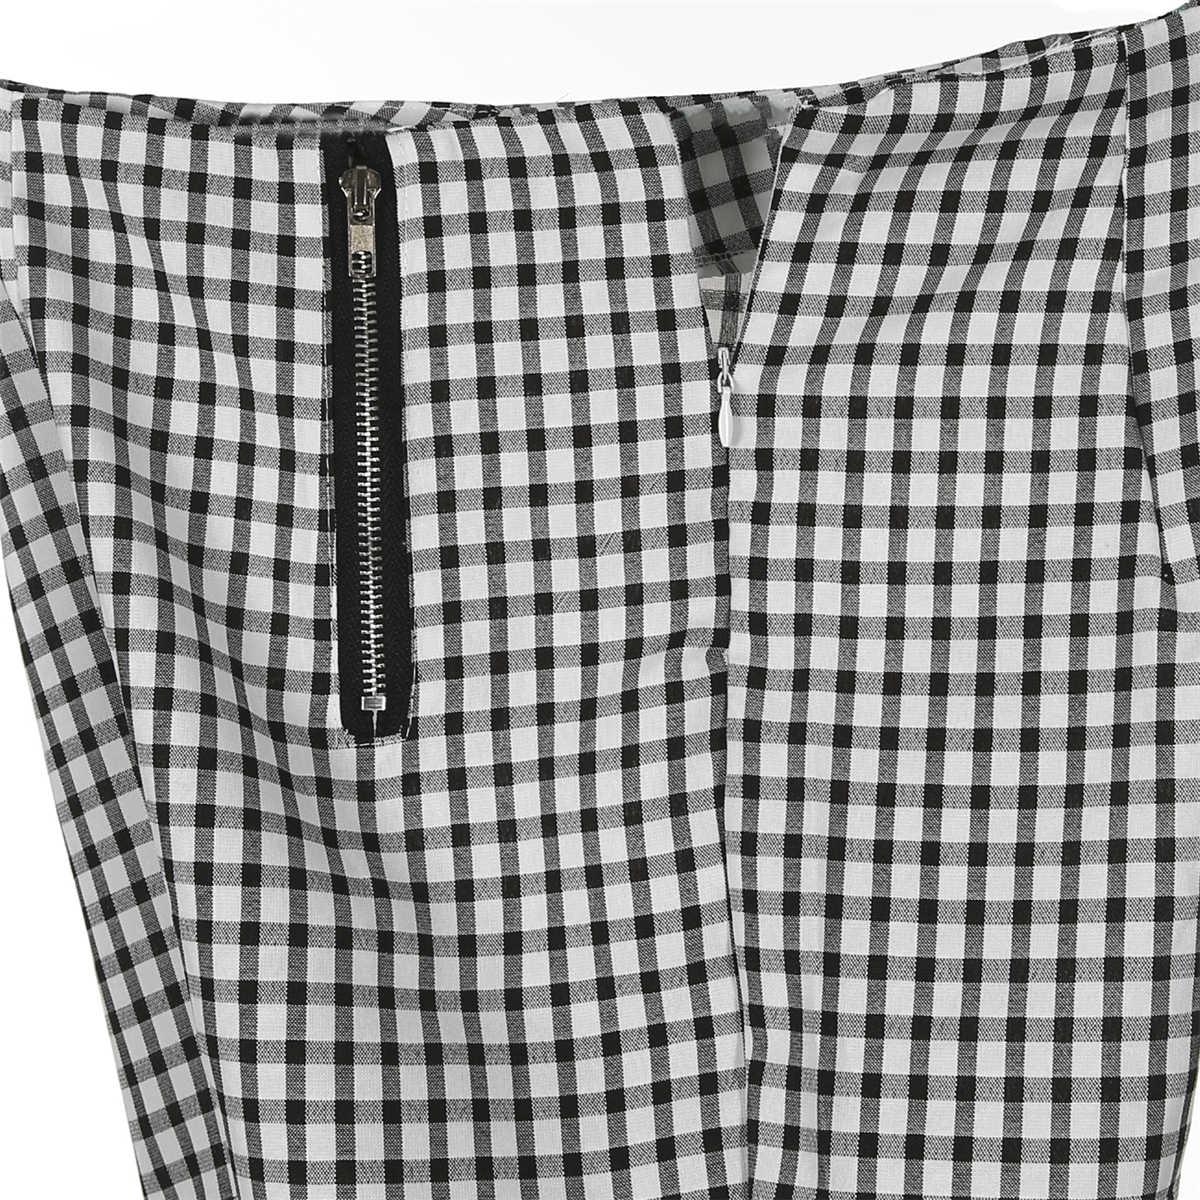 Ilkbahar sonbahar kadın Tartan ekose yüksek bel pantolon bayanlar kontrol Slim Fit ayak bileği uzunlukta fermuar düz pantolon